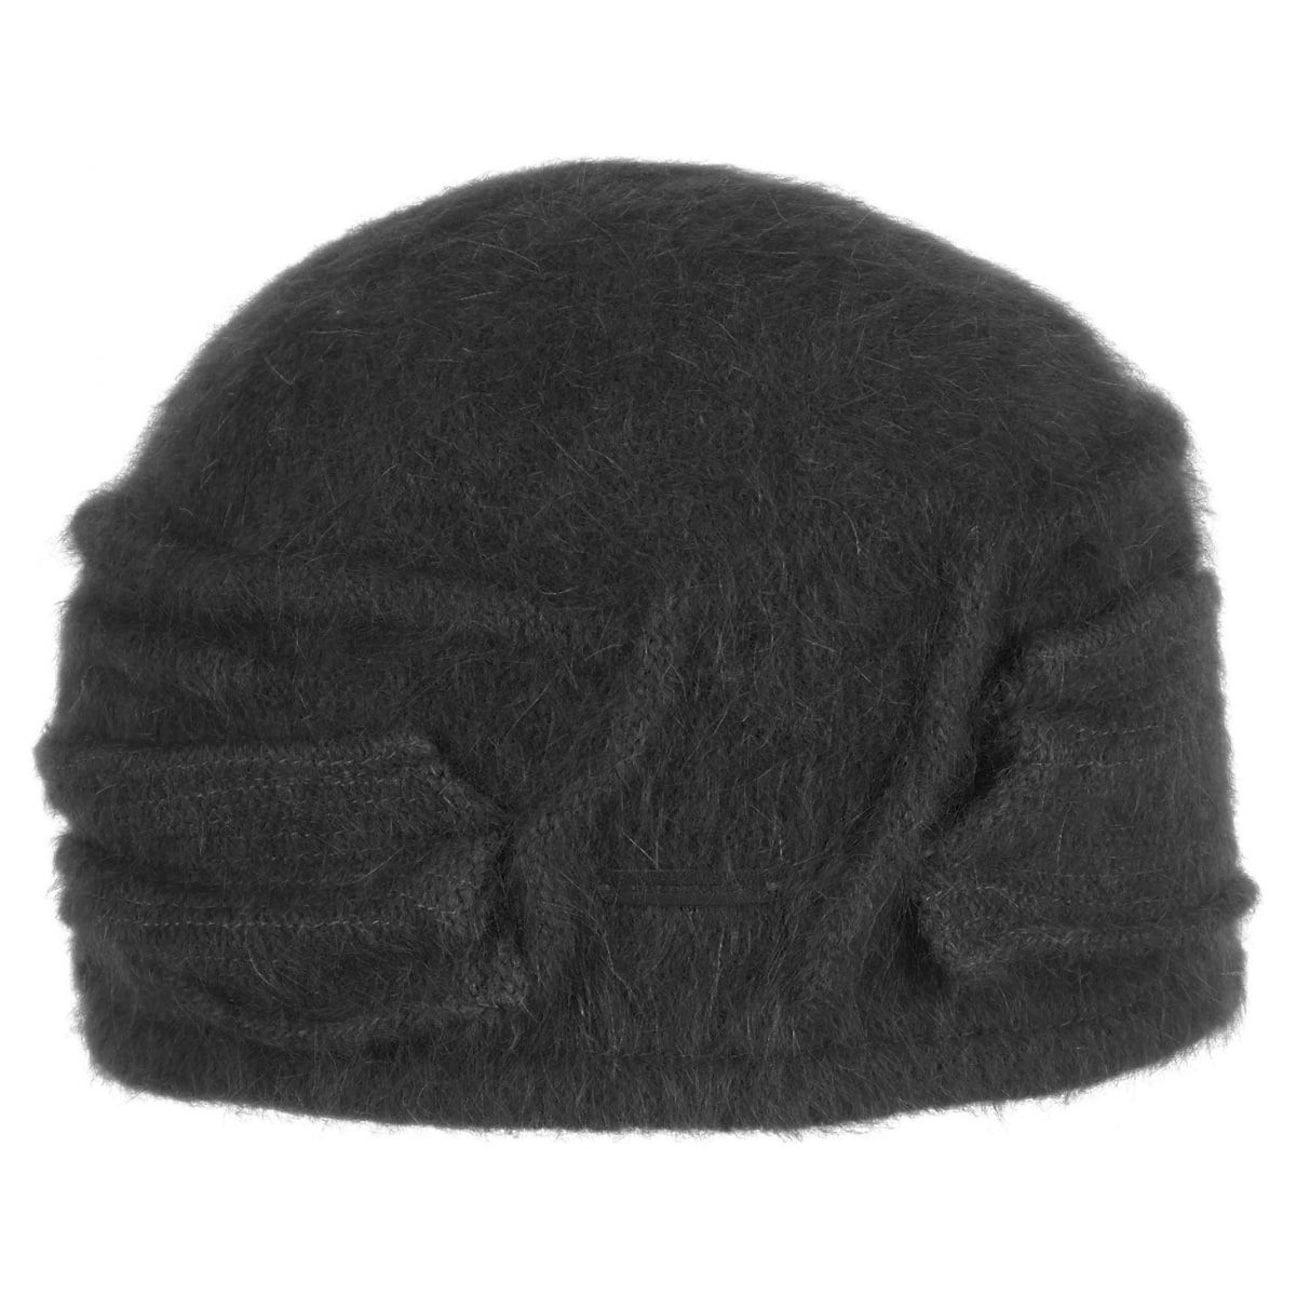 79529e46e02 ... Nakiska Angora Toque Hat by Seeberger - black 1